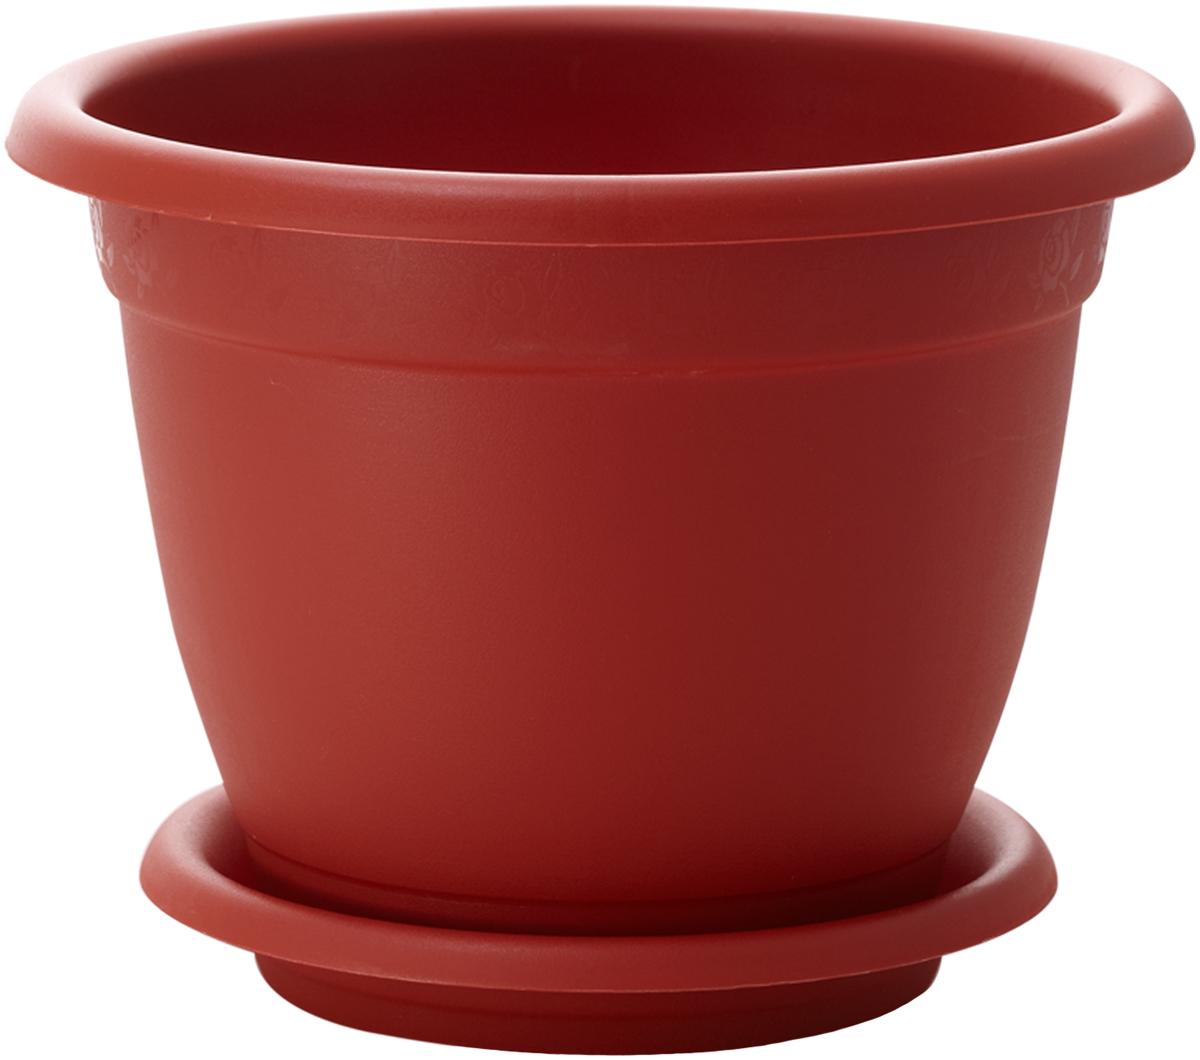 Горшок для цветов InGreen Борнео, с поддоном, цвет: терракотовый, диаметр 17 смING42017FТРГоршок InGreen Борнео, выполненный из высококачественного полипропилена, имеет дренажные отверстия, что способствует выведению лишней влаги из почвы и предотвращает гниение корневой системы растения. К горшку прилагается круглый поддон. Он прочно фиксируется к изделию, благодаря специальной крепежной системе, обеспечивая удобство эксплуатации. Между стенкой горшка и поддоном есть зазор, который позволяет испаряться лишней влаге и дает возможность прикорневого полива растения. Предназначен для выращивания цветов, растений и трав. Такой горшок порадует вас современным дизайном и функциональностью, а также оригинально украсит интерьер помещения. Диаметр горшка: 17 см. Высота горшка: 13,5 см. Диаметр поддона: 13 см.